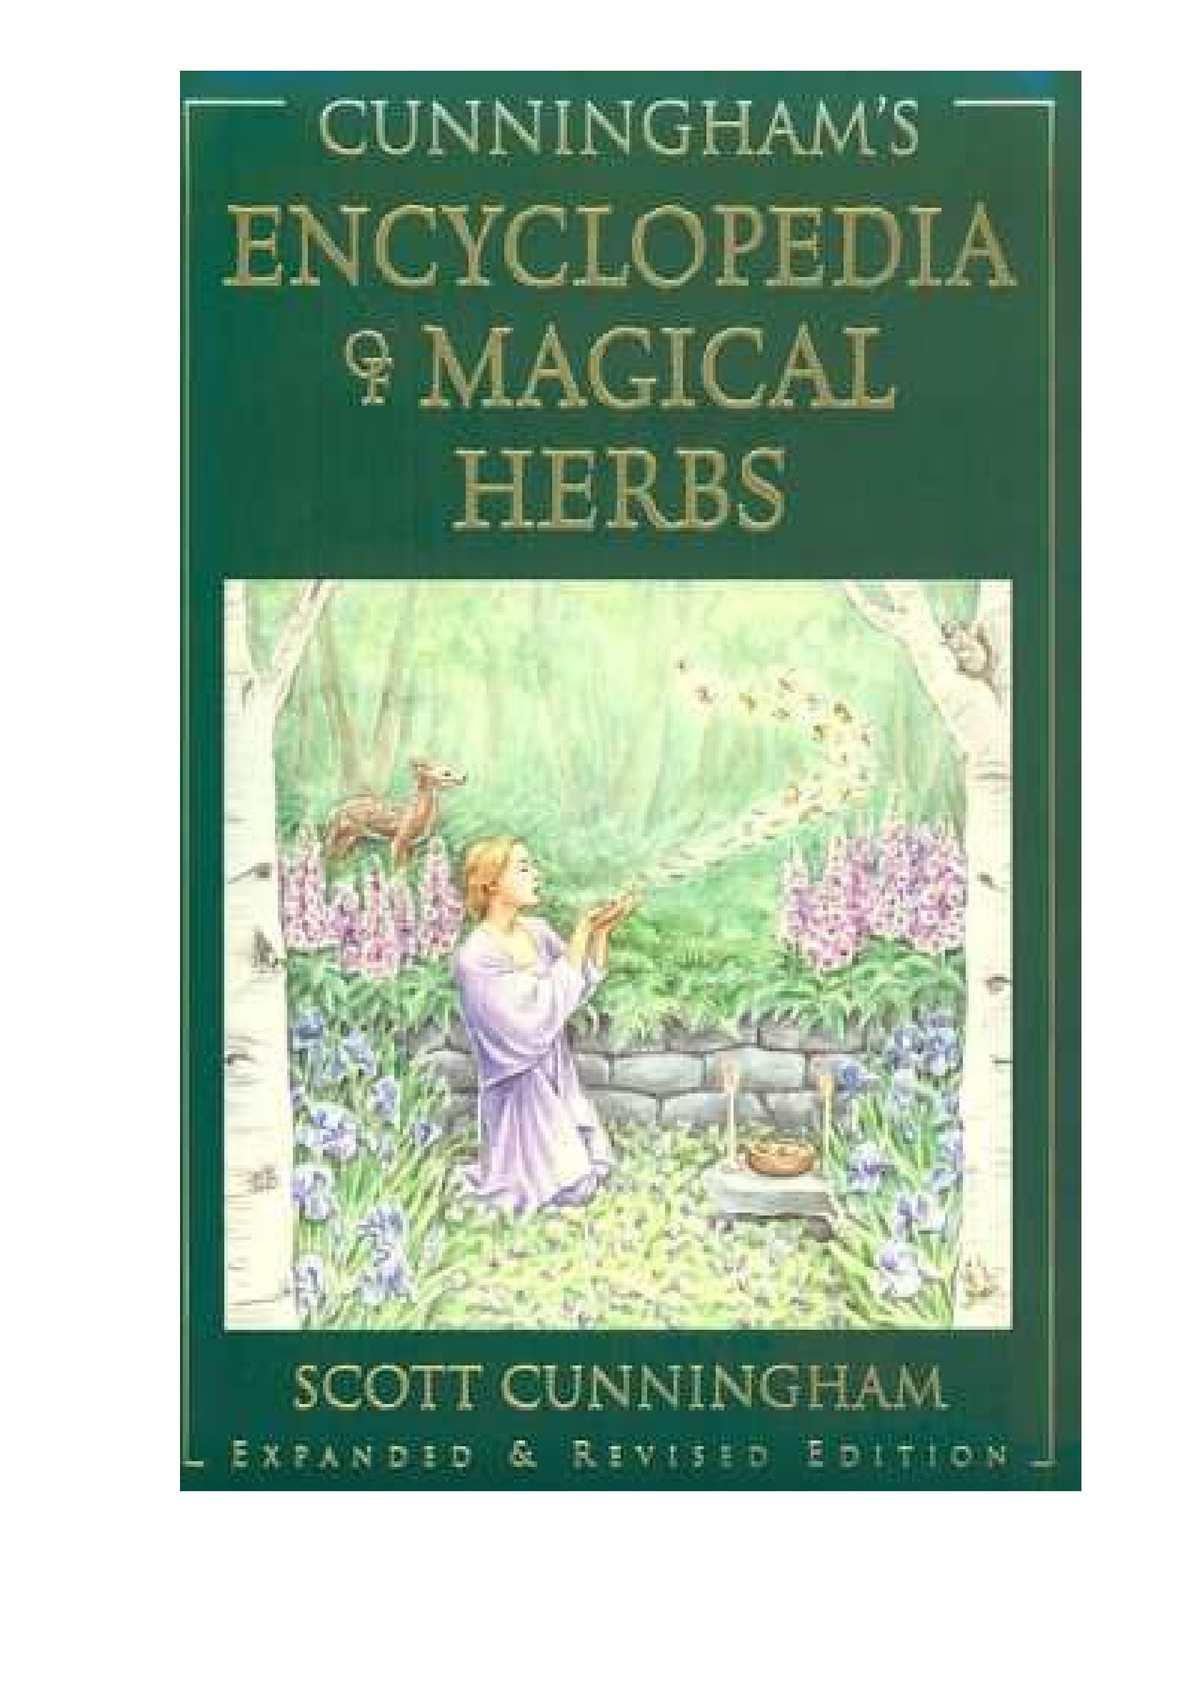 Scott Cunningham L'ENCYCLOPEDIE DES HERBES MAGIQUES Adapté de l'américain par Michel ECHELBERGER